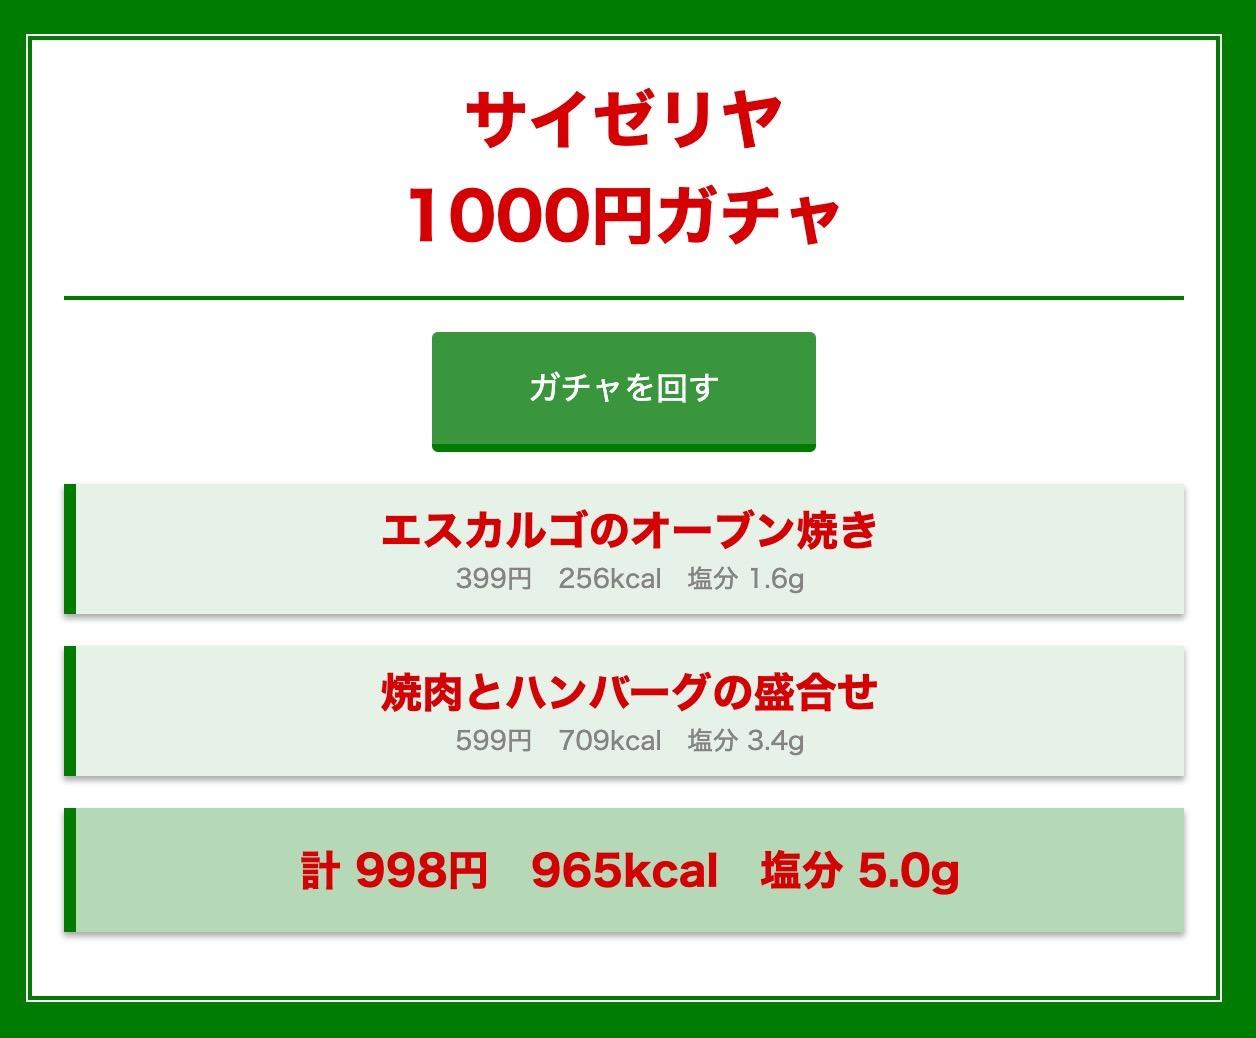 「サイゼリヤ 1000円ガチャ」1